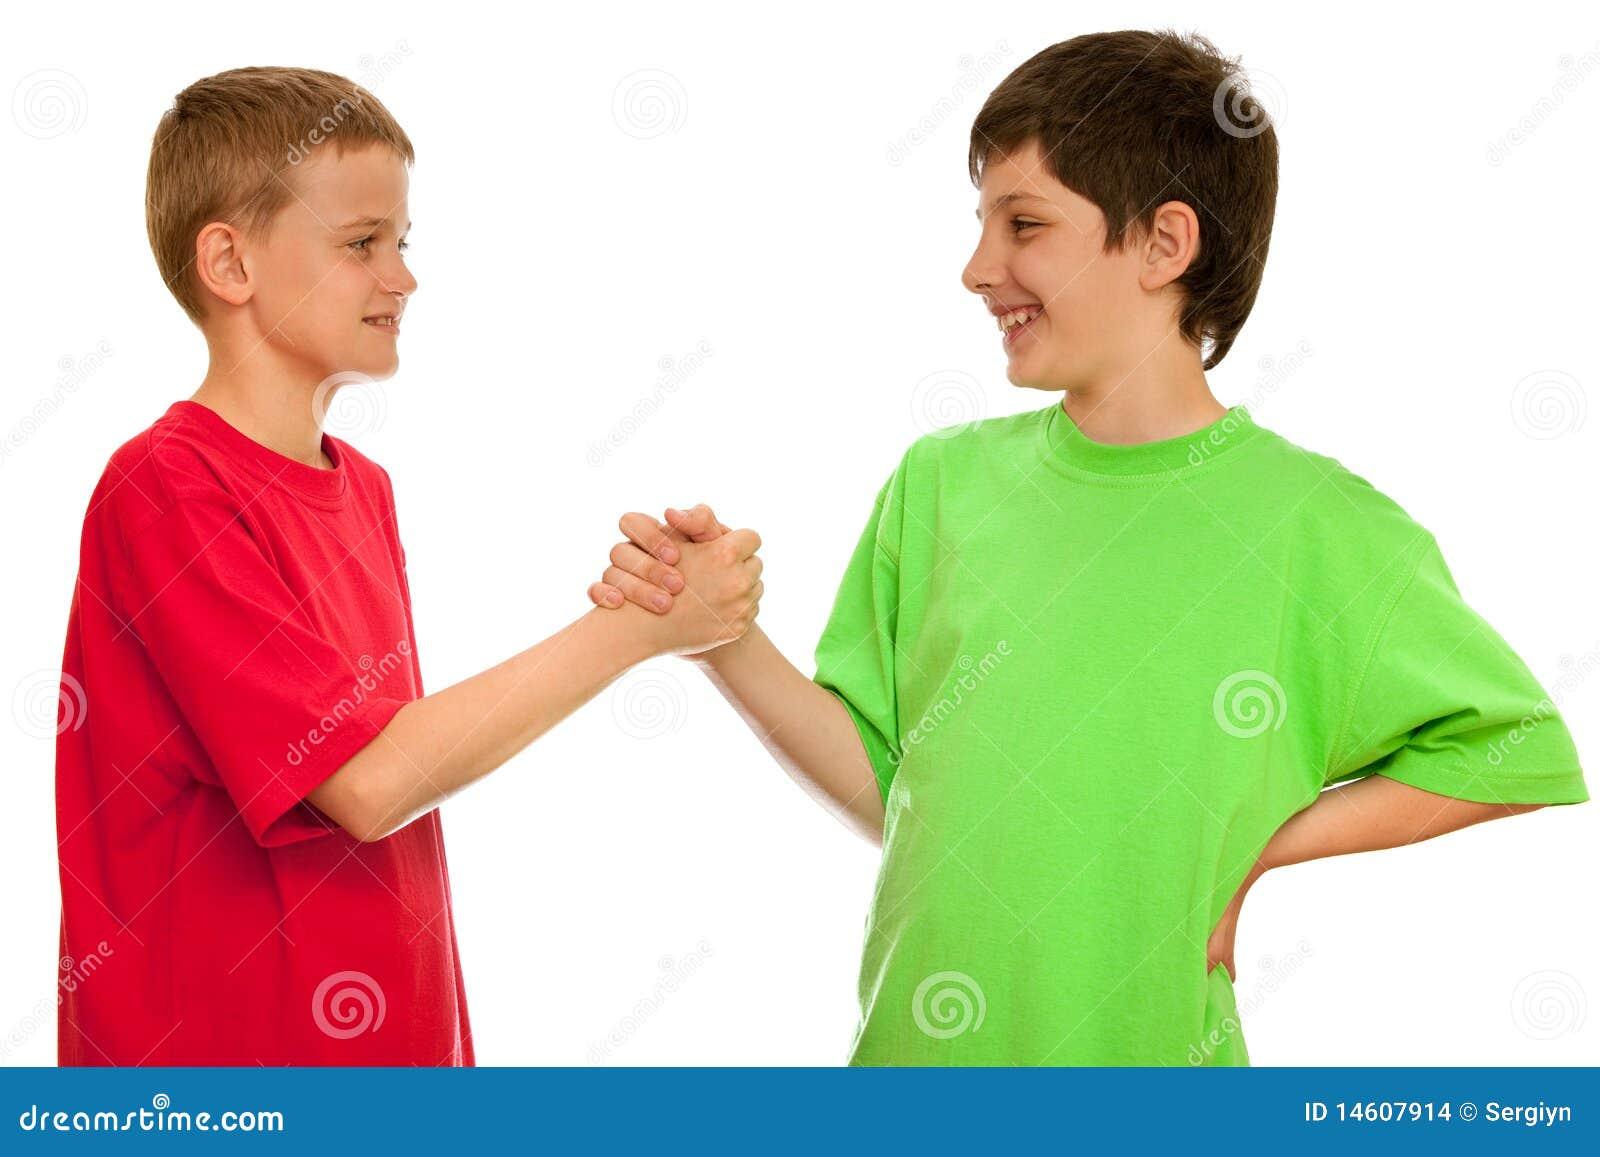 Groet van twee jongens